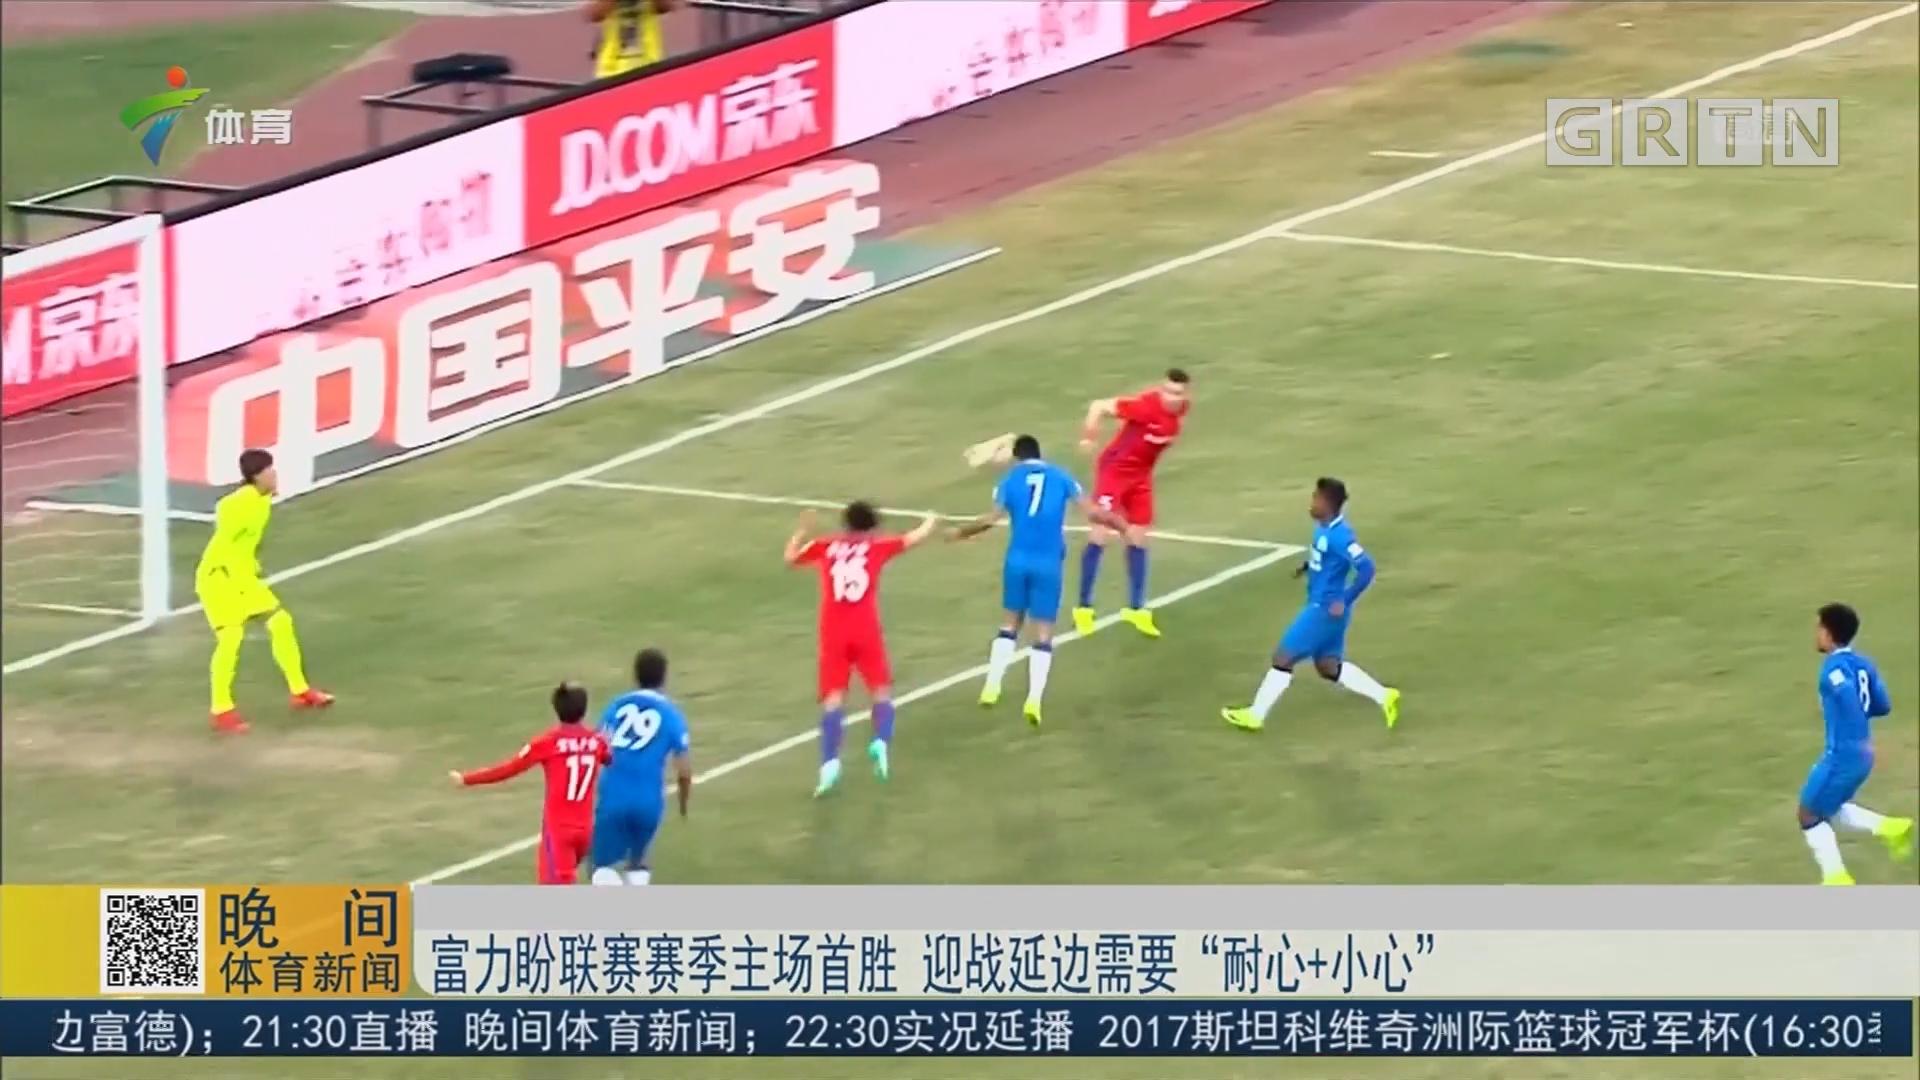 """富力盼联赛赛季主场首胜 迎战延边需要""""耐心+小心"""""""